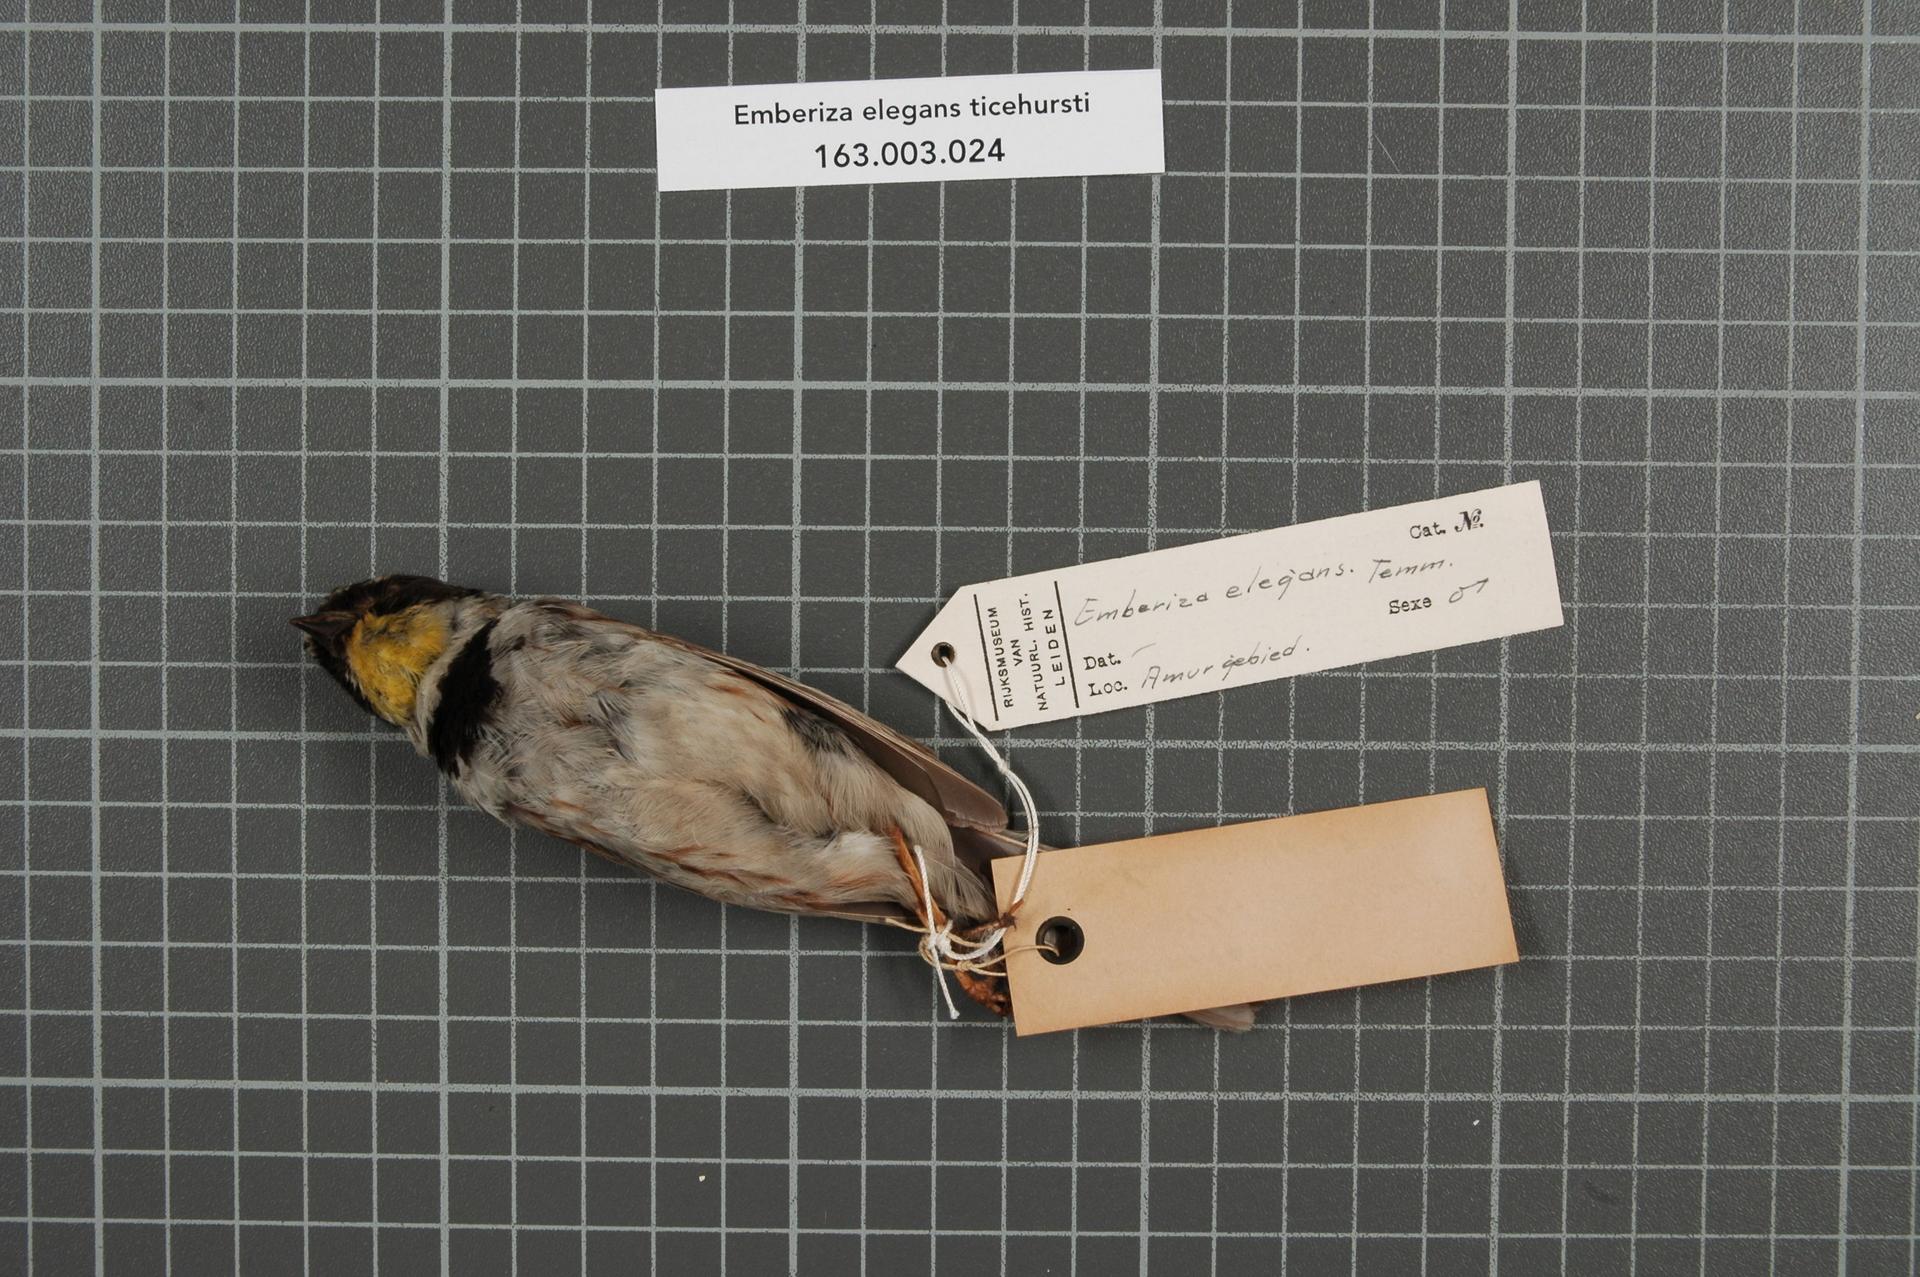 RMNH.AVES.149098   Emberiza elegans ticehursti Sushkin, 1925